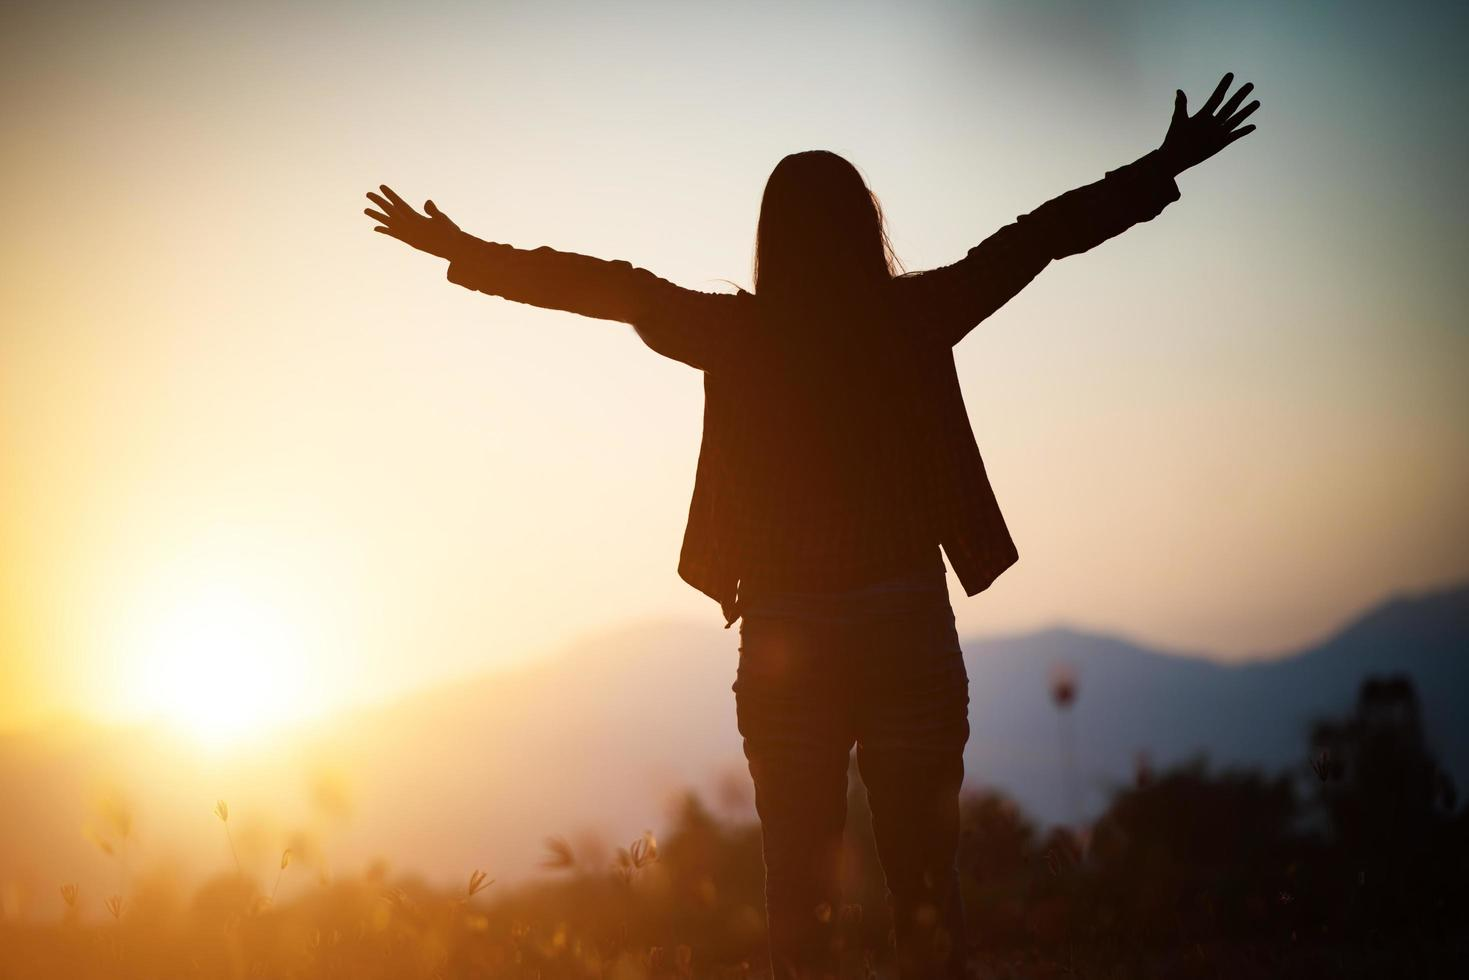 silhouet van een vrouw die bidt over mooie hemelachtergrond foto